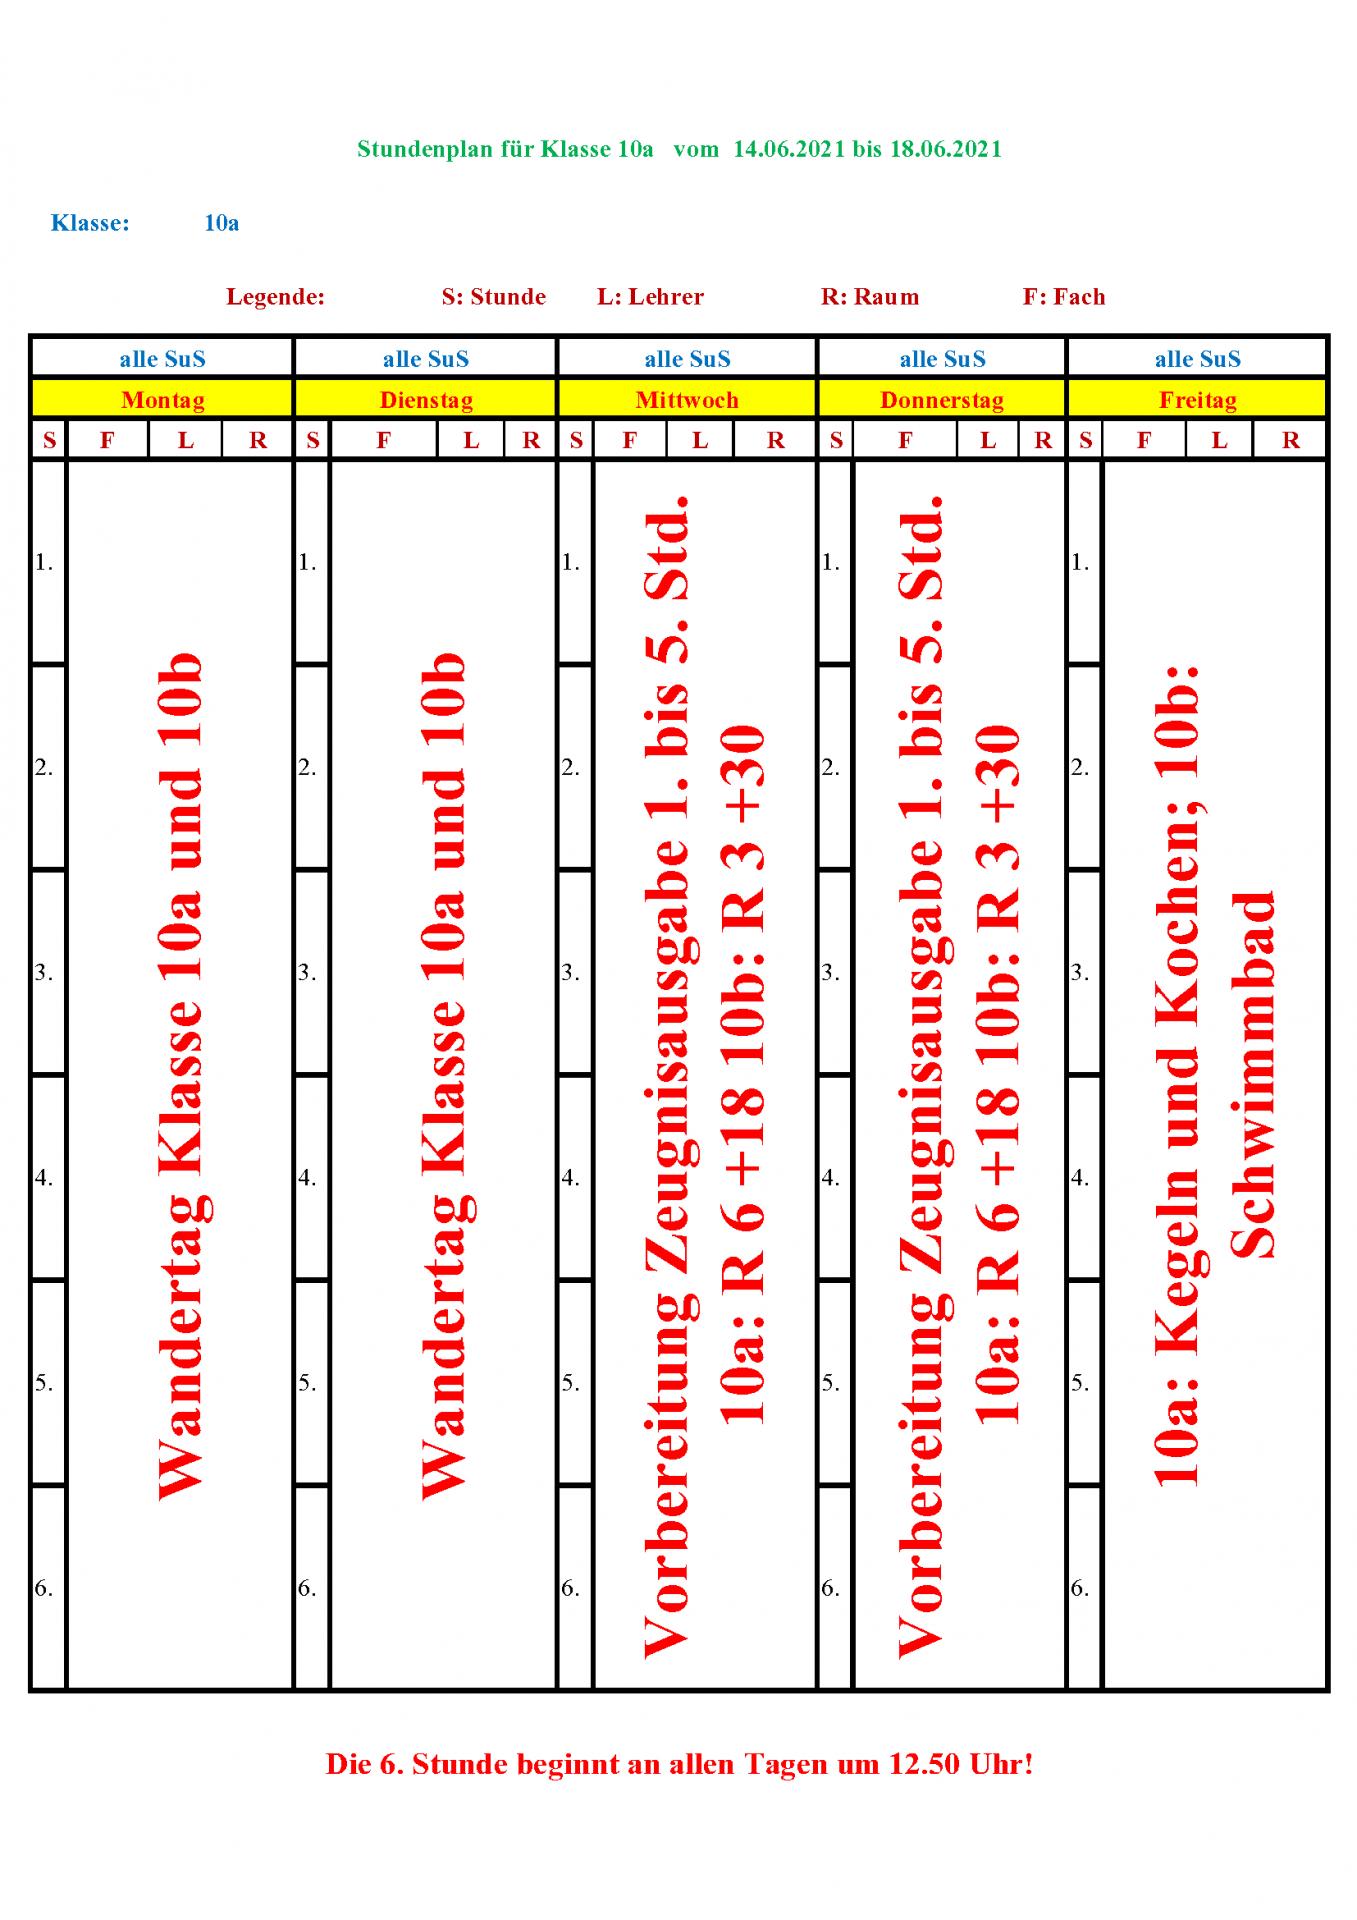 Sonderplan 7 bis 10 vom 14.06.2021 bis 18.06.2021 SuS_8